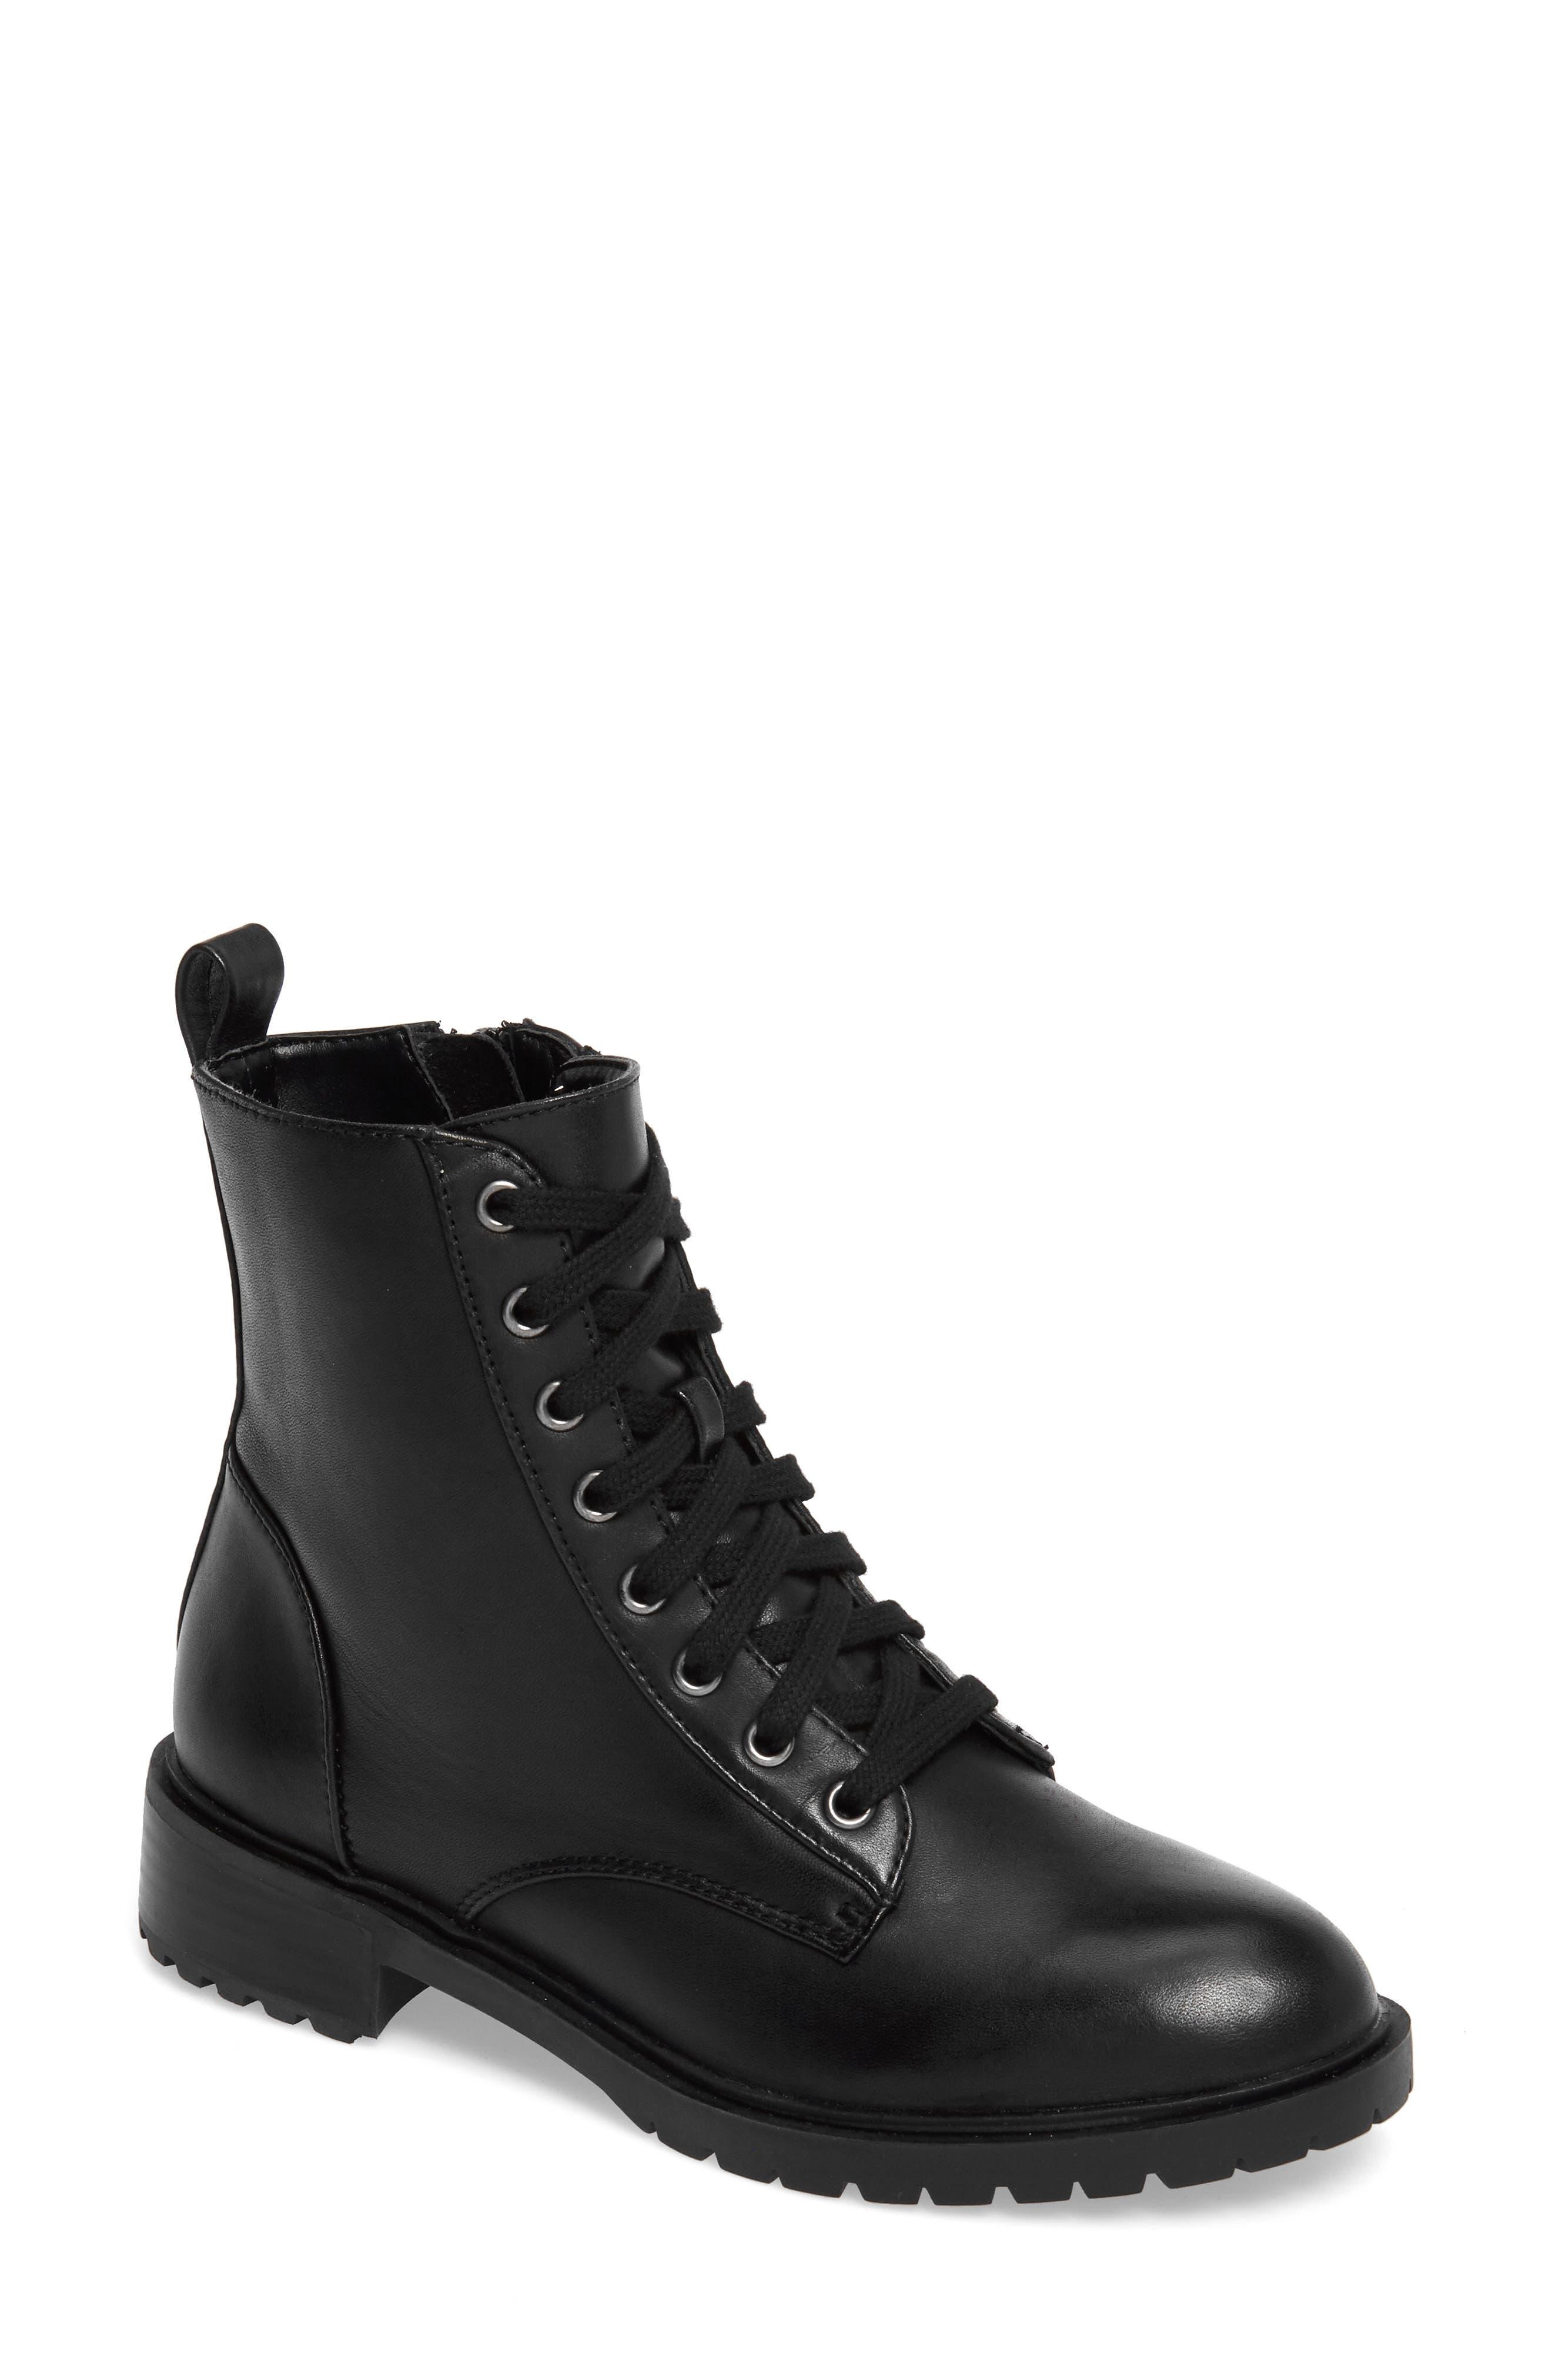 STEVE MADDEN Officer Combat Boot